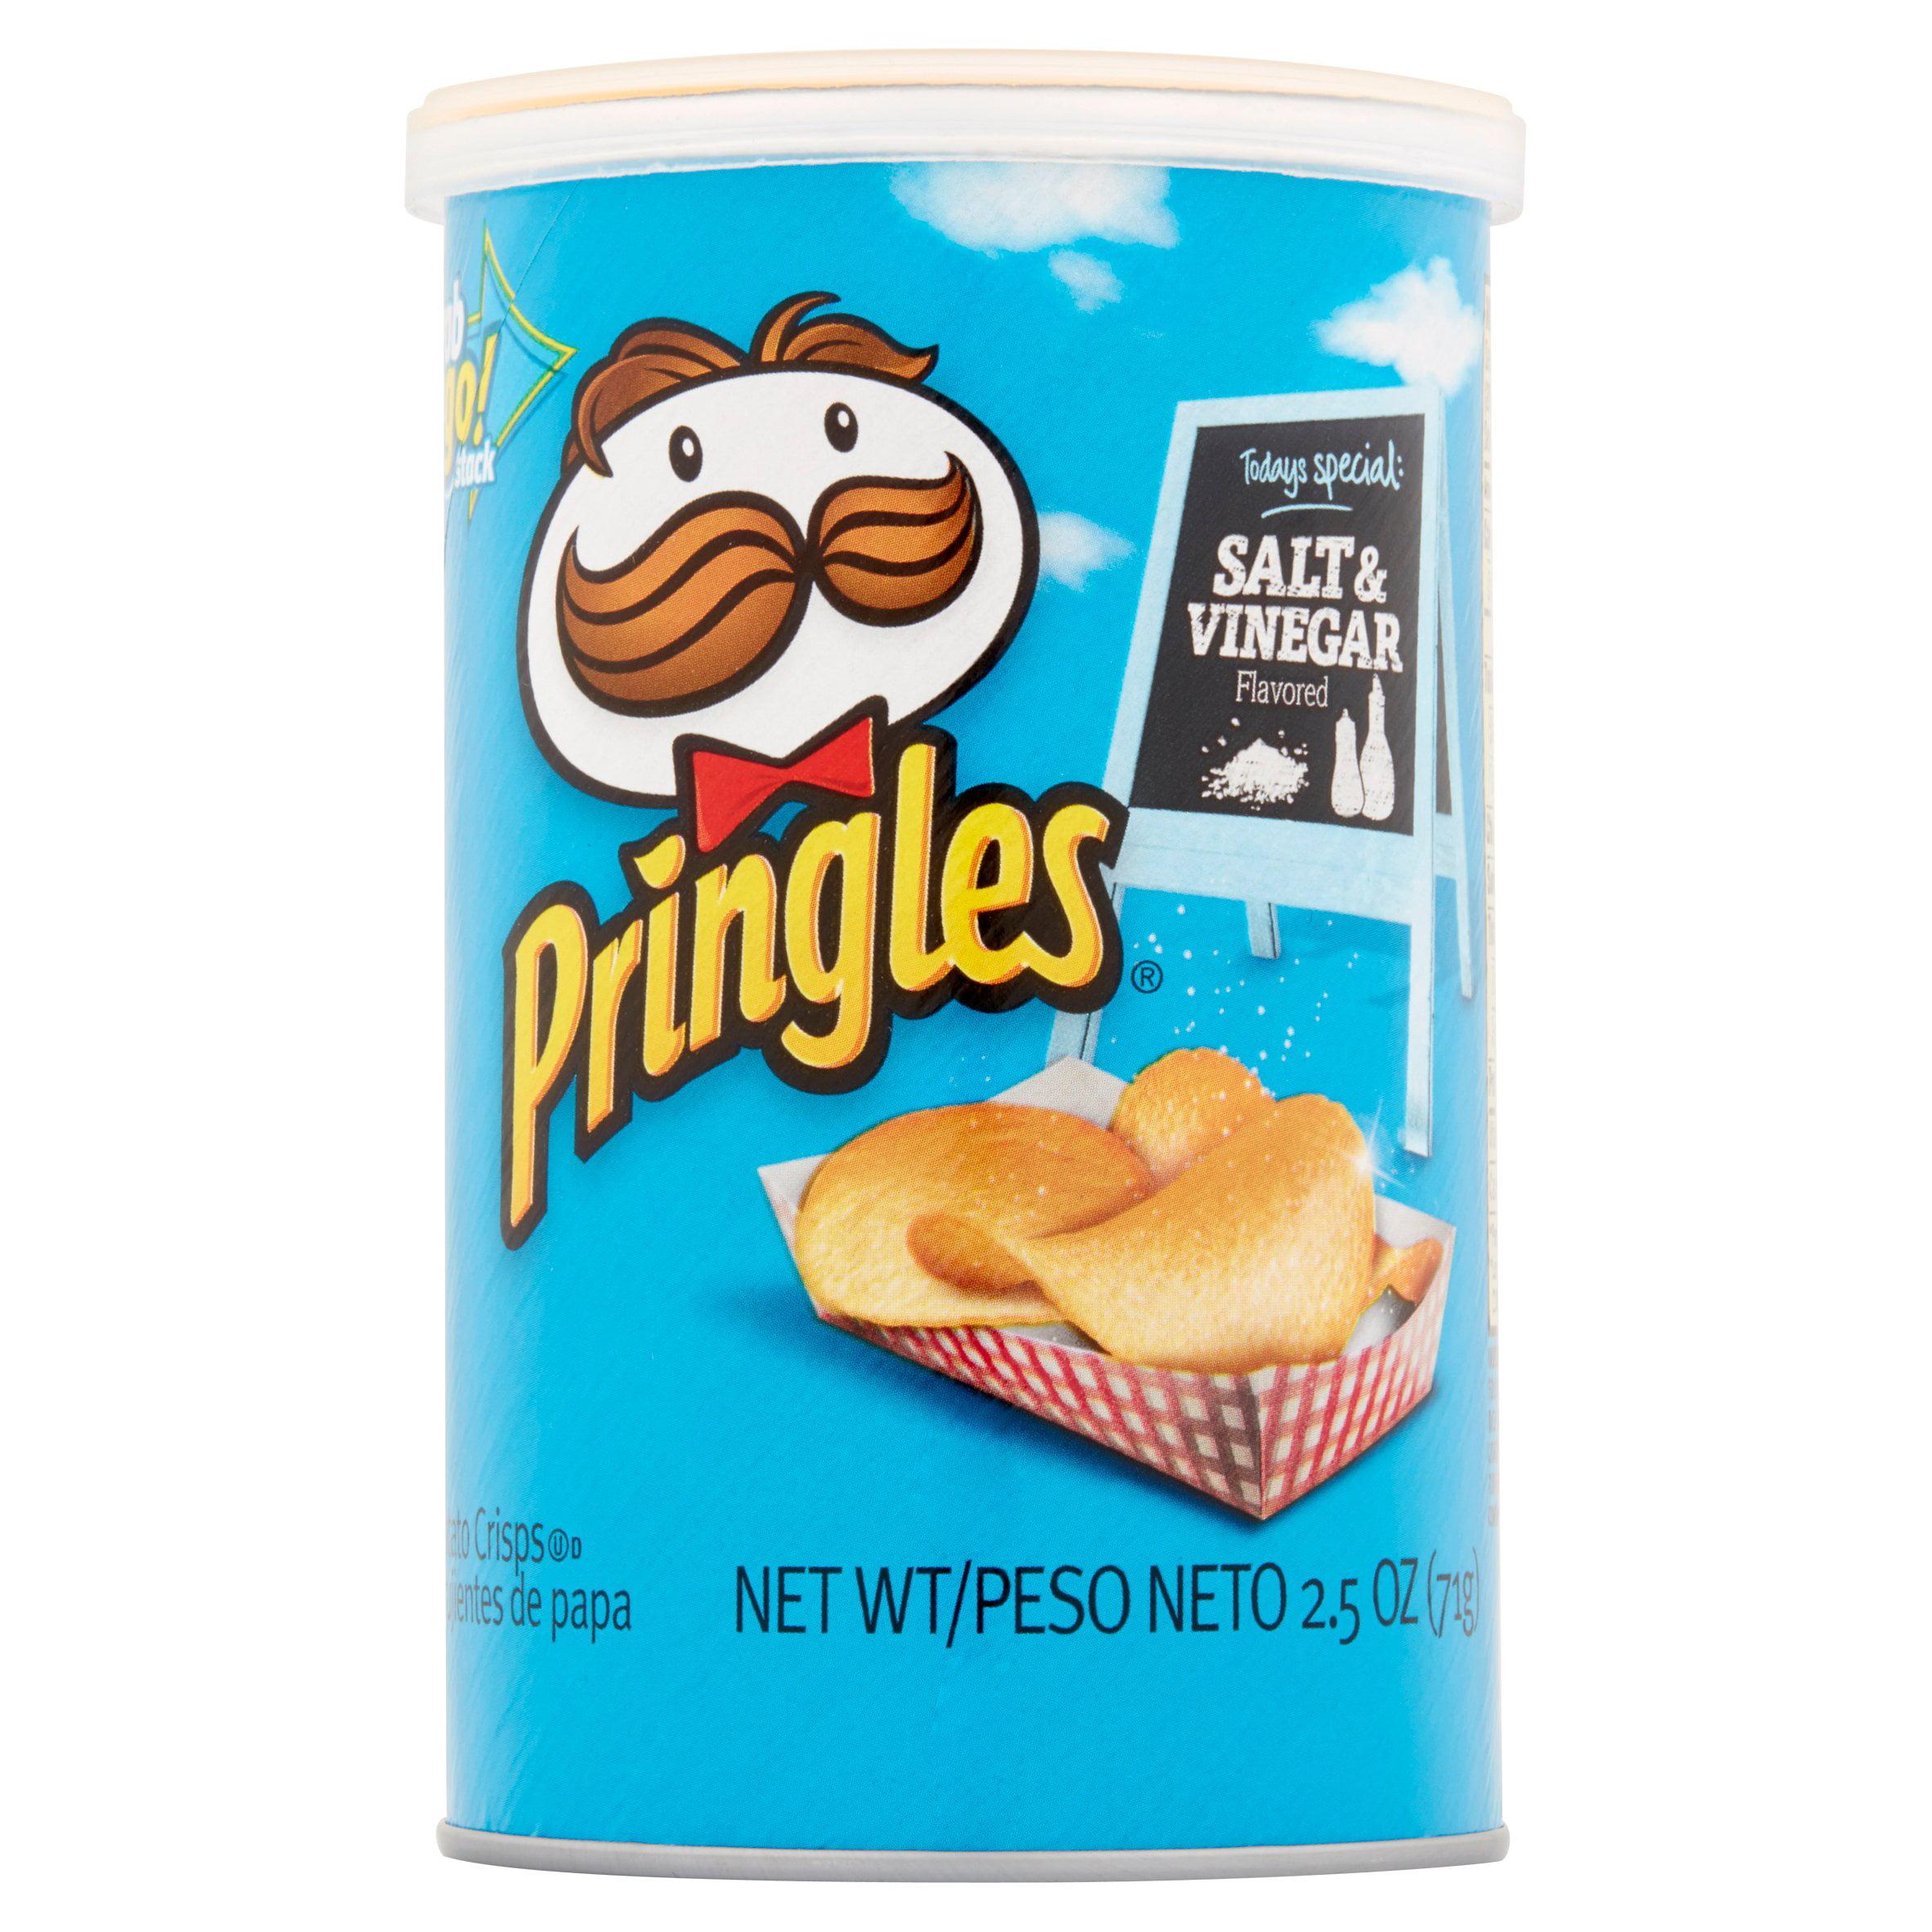 Pringles Salt & Vinegar Potato Crisps Chips, 2.5 oz (Pack of 12)